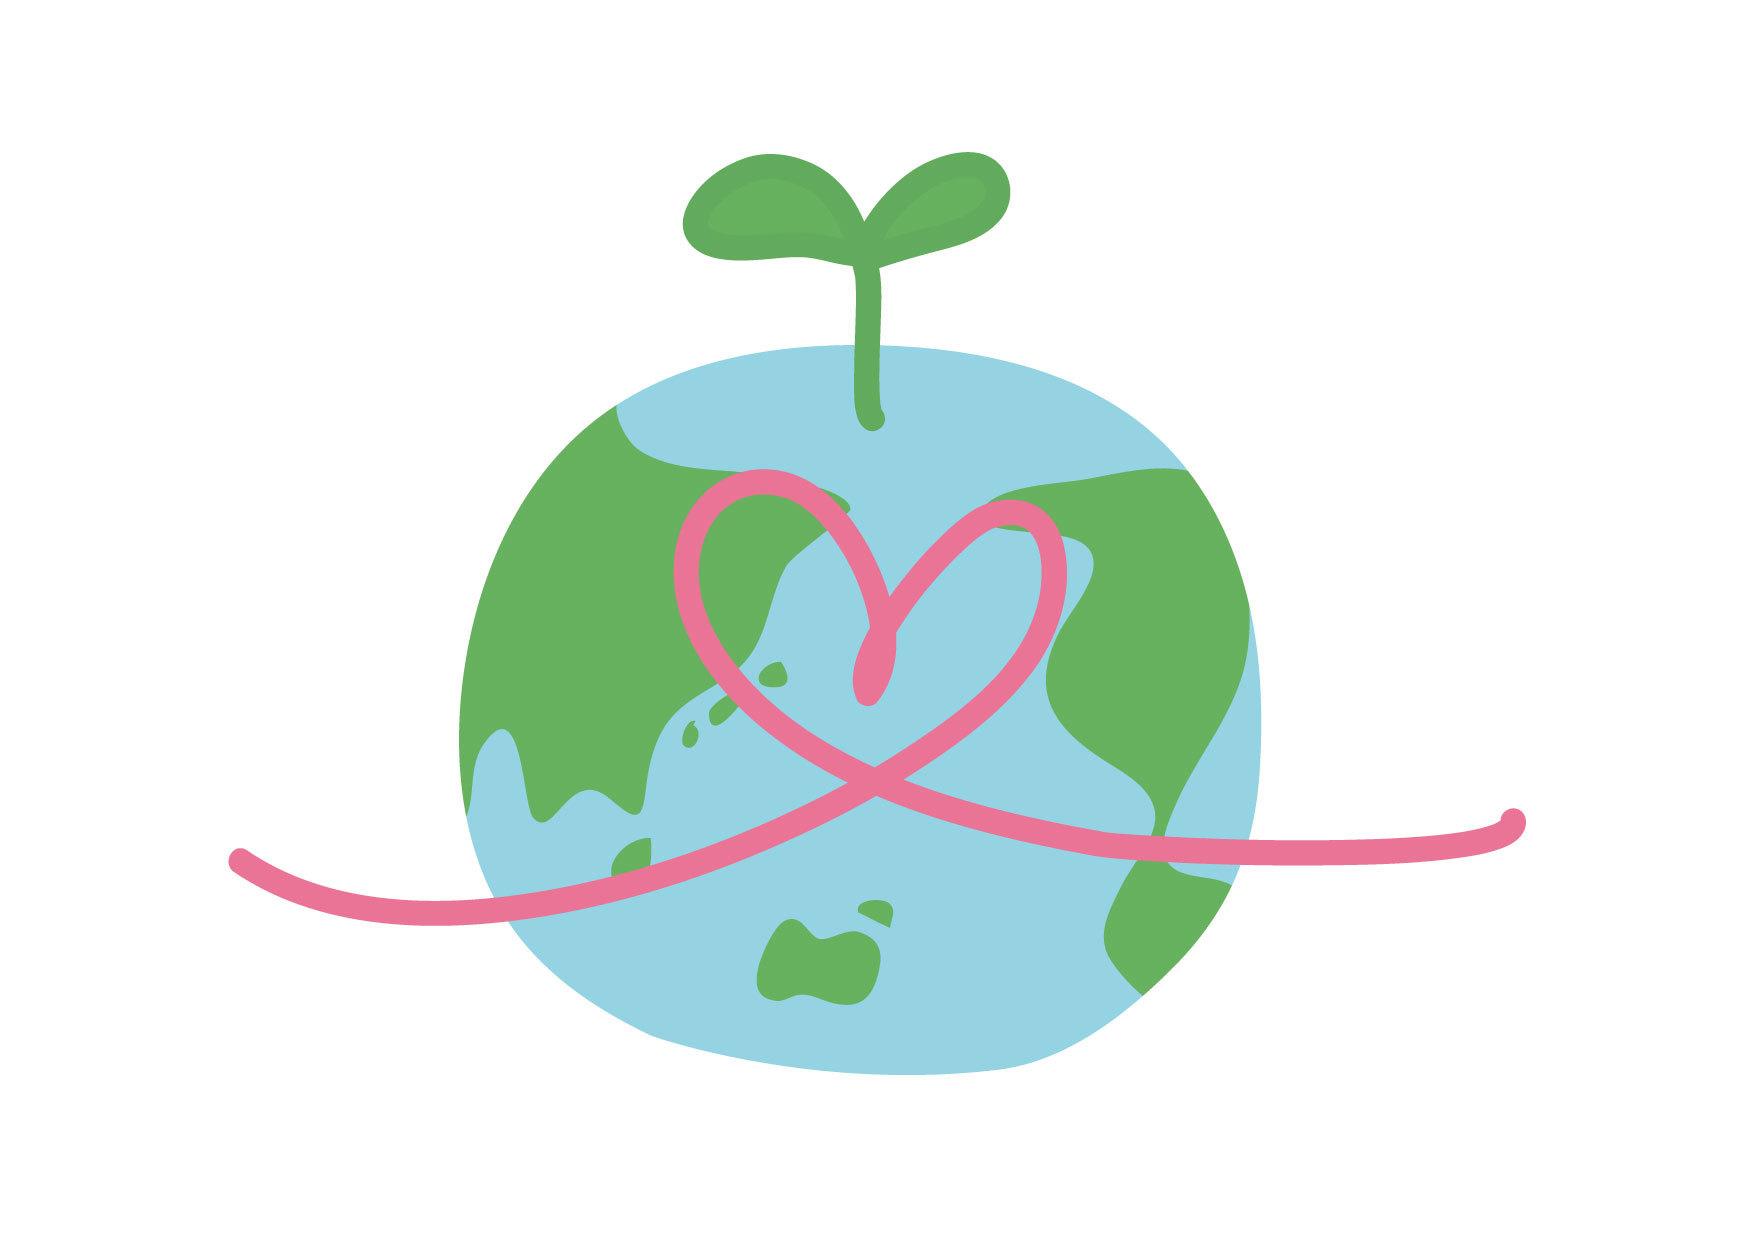 """【イベント情報】2019年10月6日(日) 親子で環境について考えよう。『みんなで考えよう!環境問題  """"地球の声""""』"""